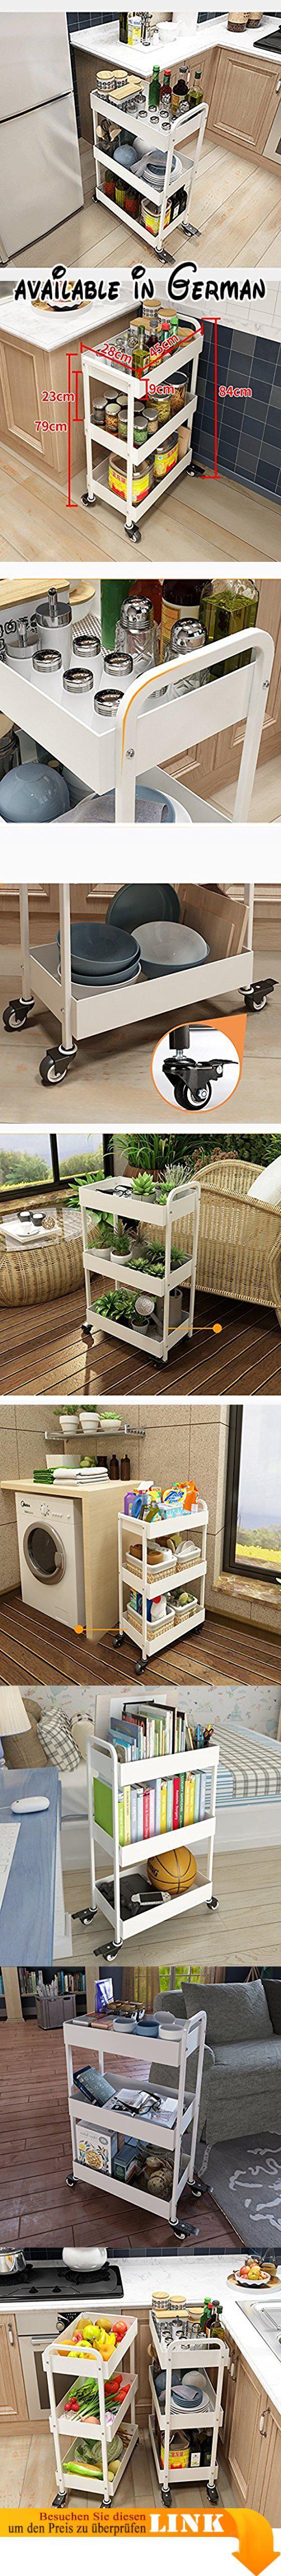 Großzügig Küchenregal Racks Online Ideen - Küche Set Ideen ...